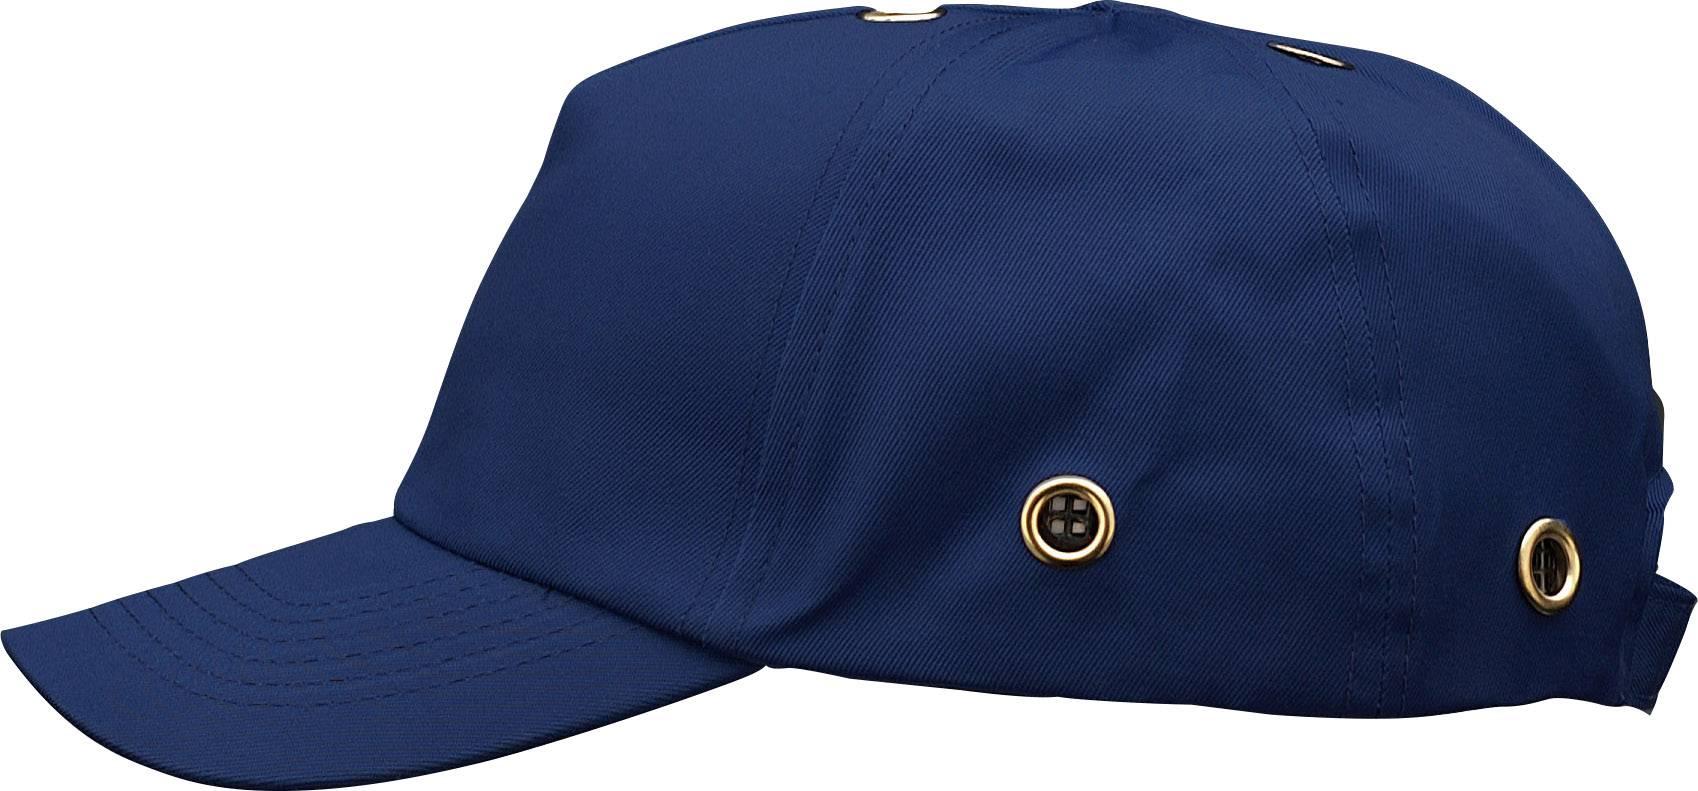 Pracovní kšiltovka Voss Helme, 2687, tmavě modrá